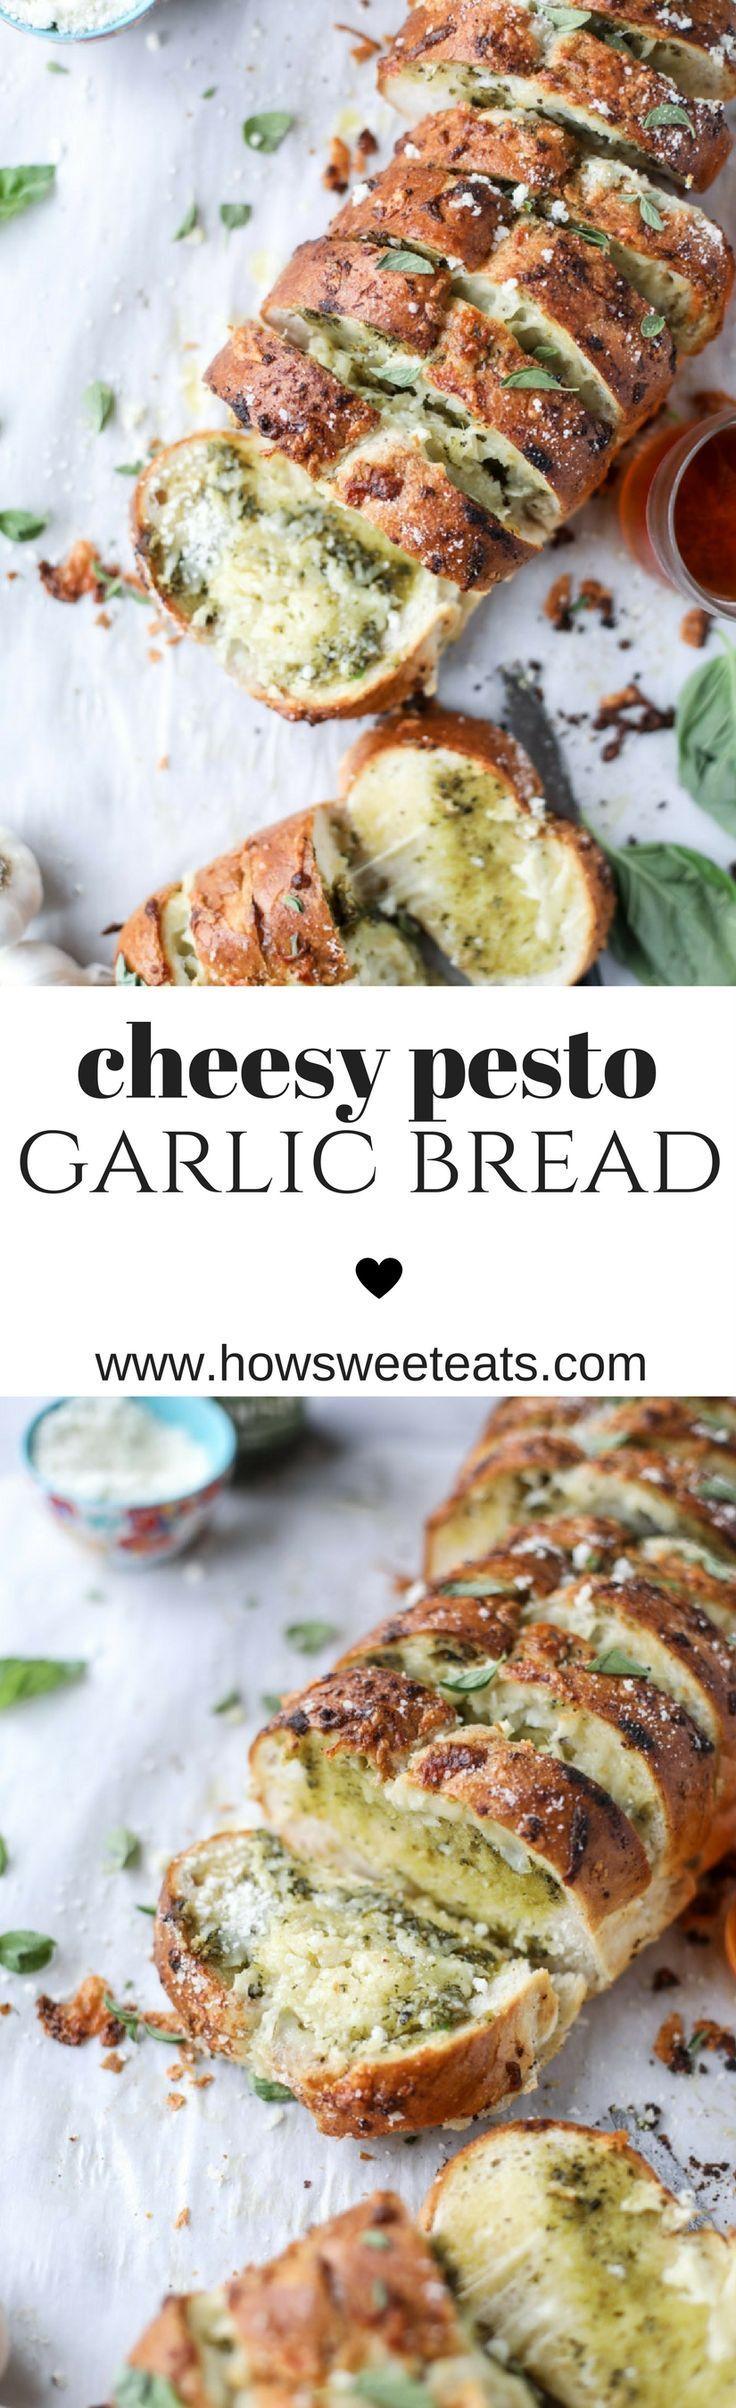 Cheesy Pesto Garlic Bread (video!) I http://howsweeteats.com /howsweeteats/